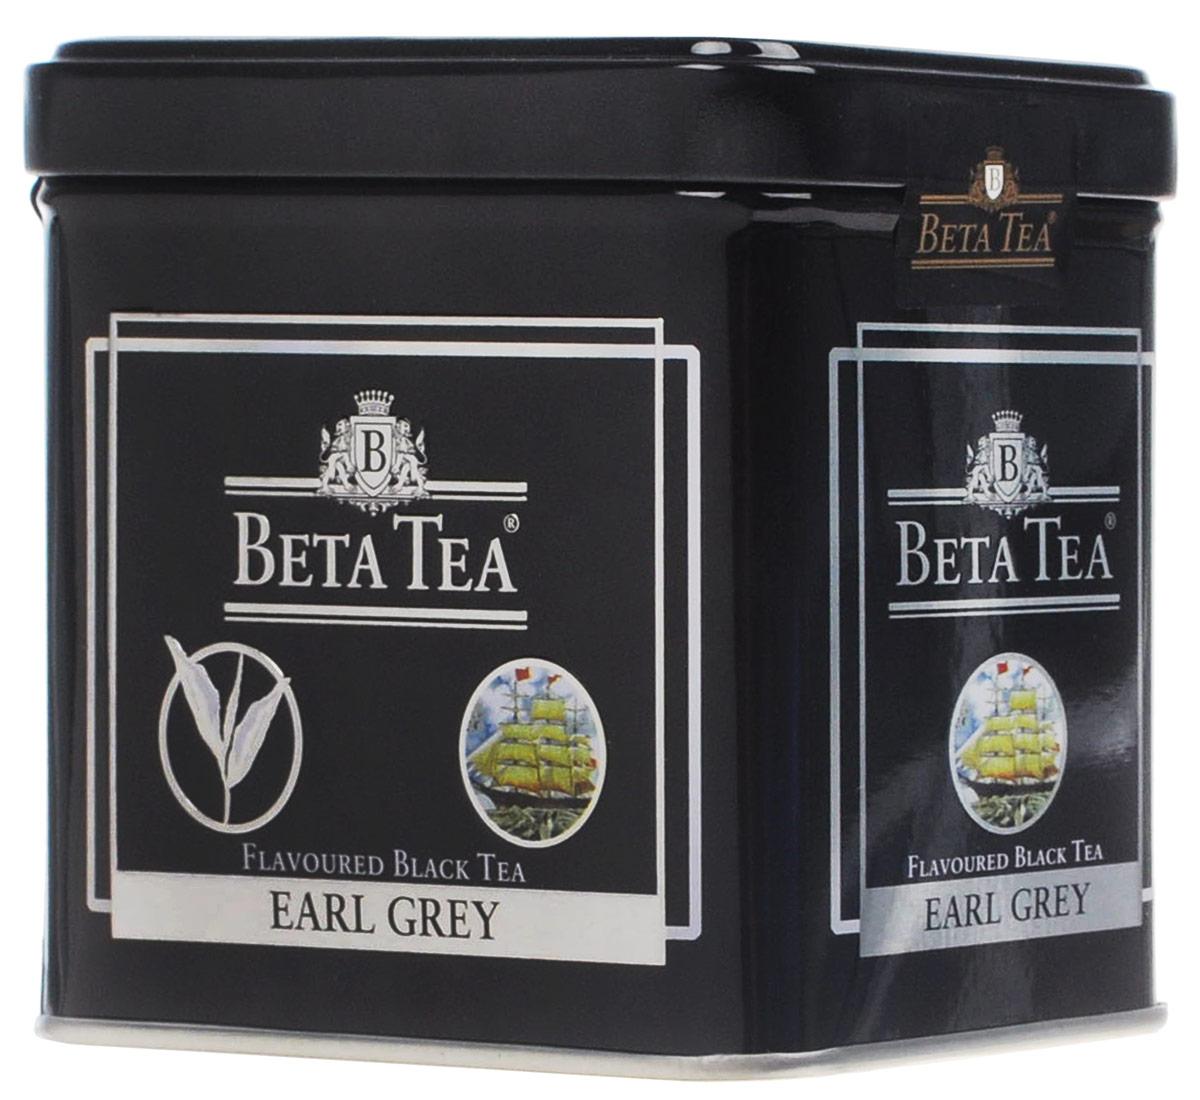 Beta Tea Earl Grey черный листовой чай, 100 г (жестяная банка)баж003Создатель этого чая - английский дипломат Чарльз Грей, который первым придумал его оригинальную рецептуру. Будучи в Китае, он смешал чай из районов Дарджелинг Кемун с бергамотом и получил новый неповторимый аромат. С тех пор этот напиток носит его имя и пользуется большой популярностью во всем мире.